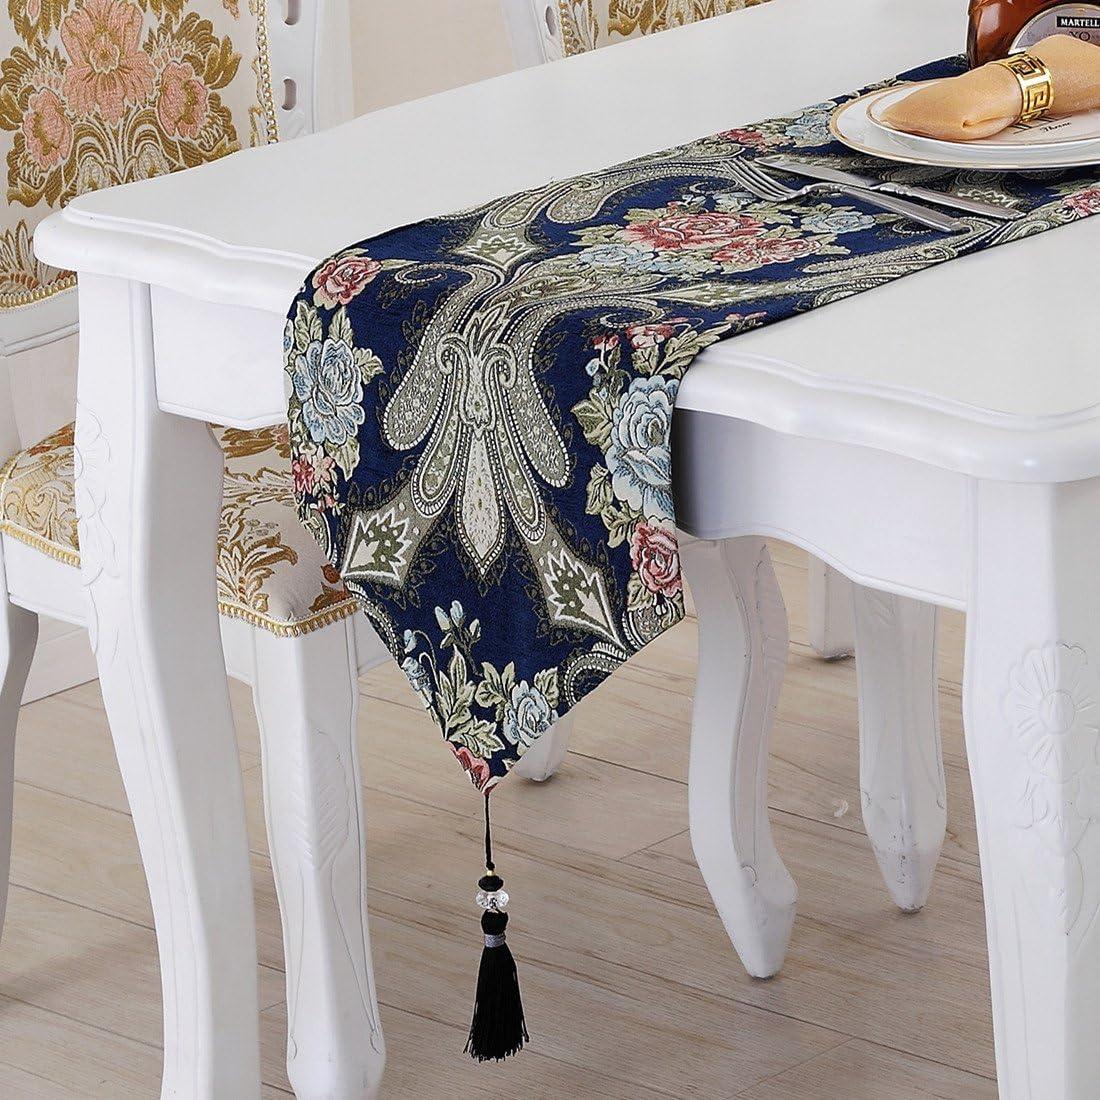 GS ~ LY cálido y elegante camino de mesa mantel paño de mesa de café cama de bandera de mesa bandera decoración para el hogar tablecloth32 cm * 160 cm 4: Amazon.es: Hogar